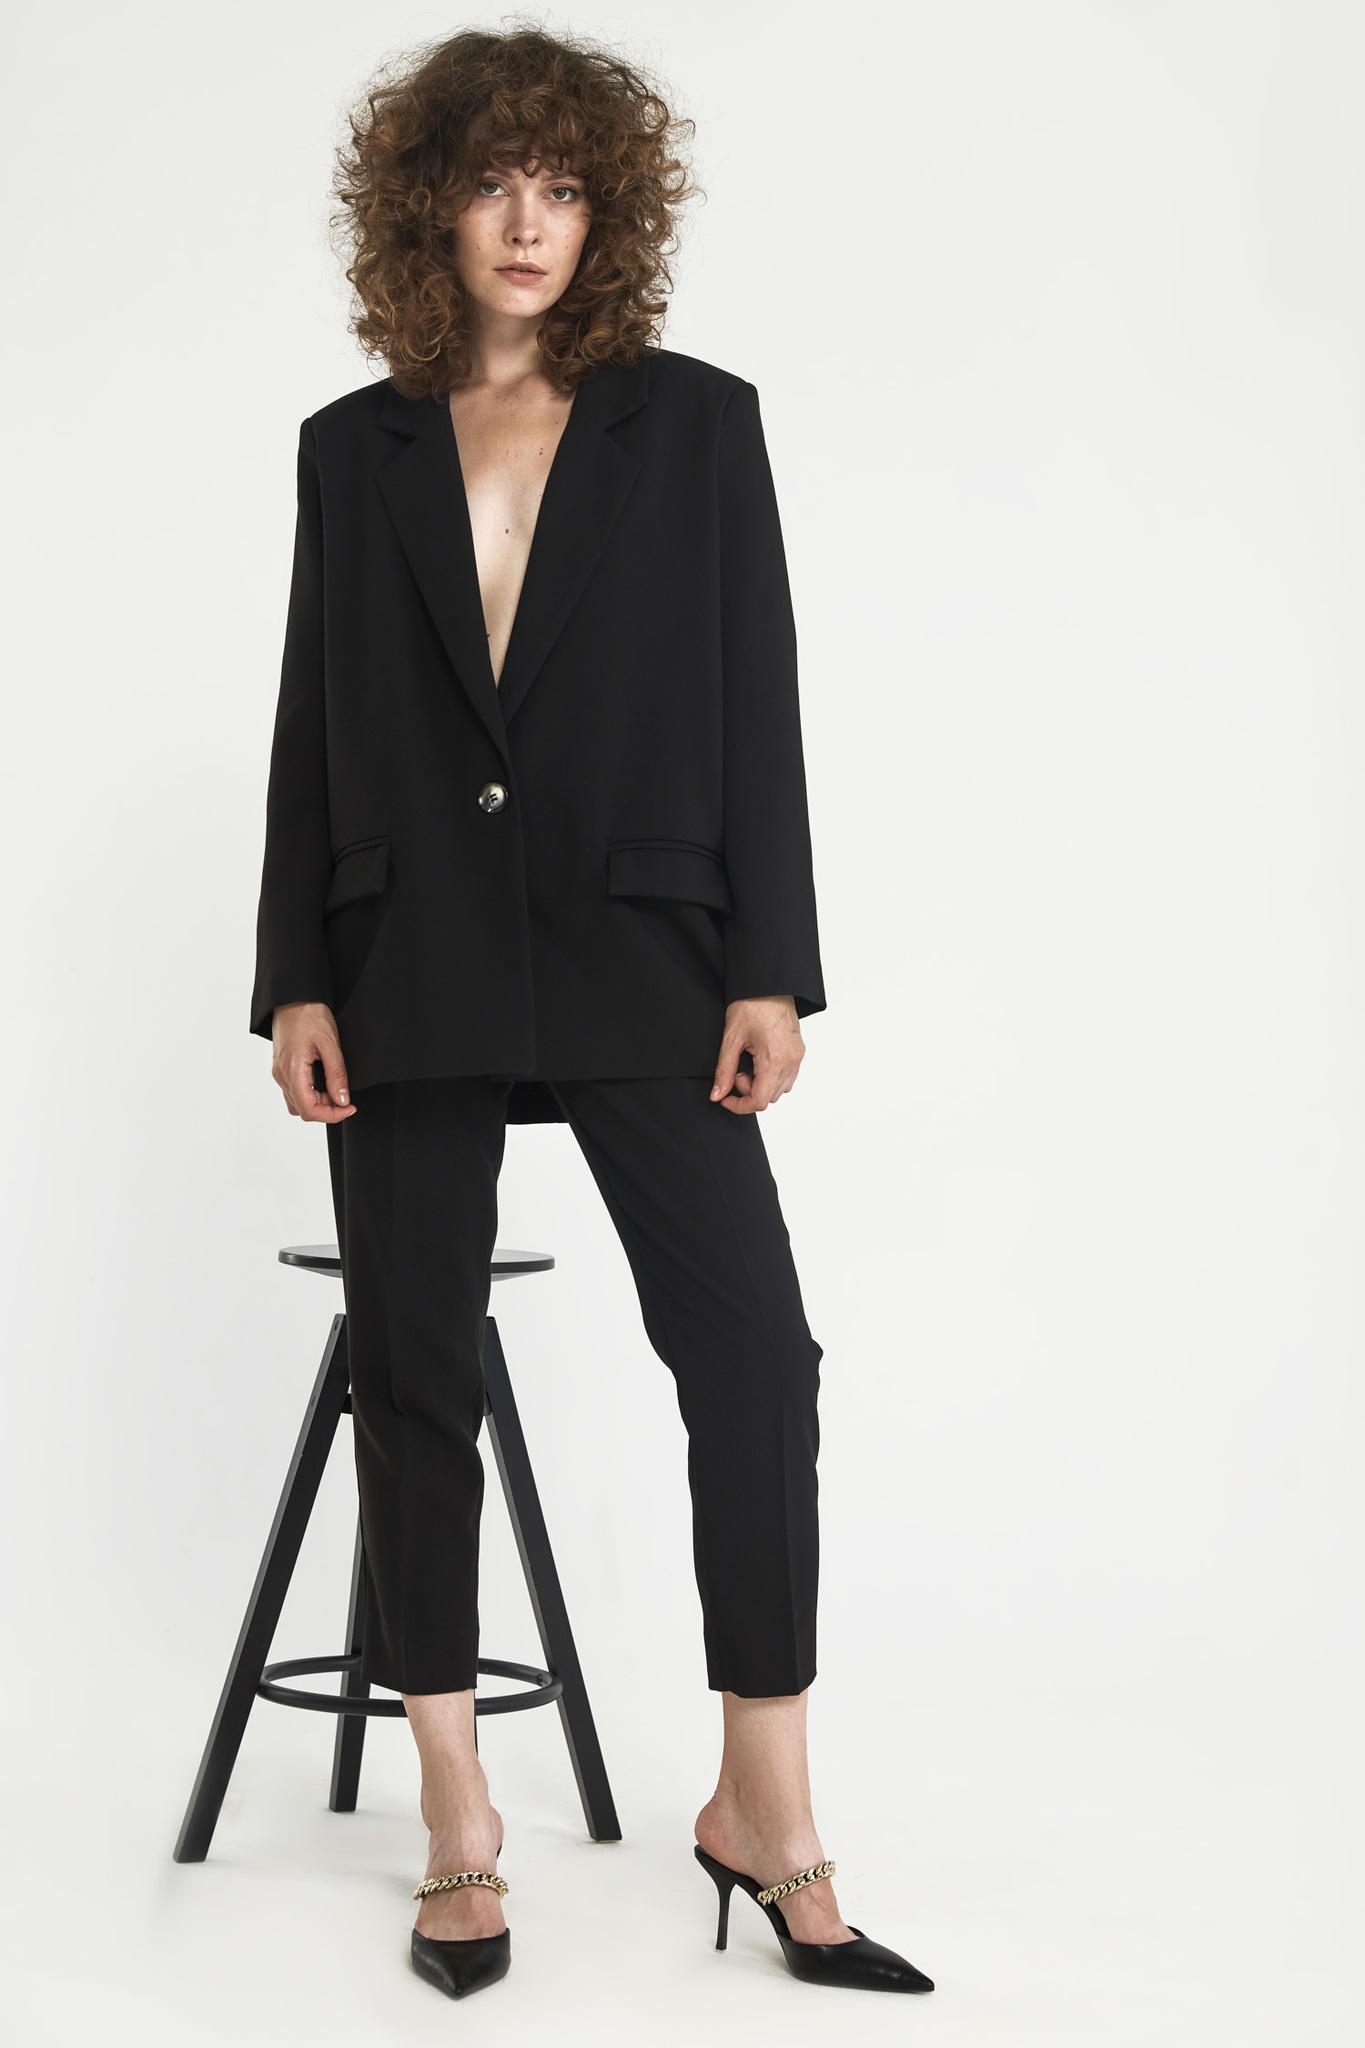 Жакет с большим плечом (костюмный твил), черный